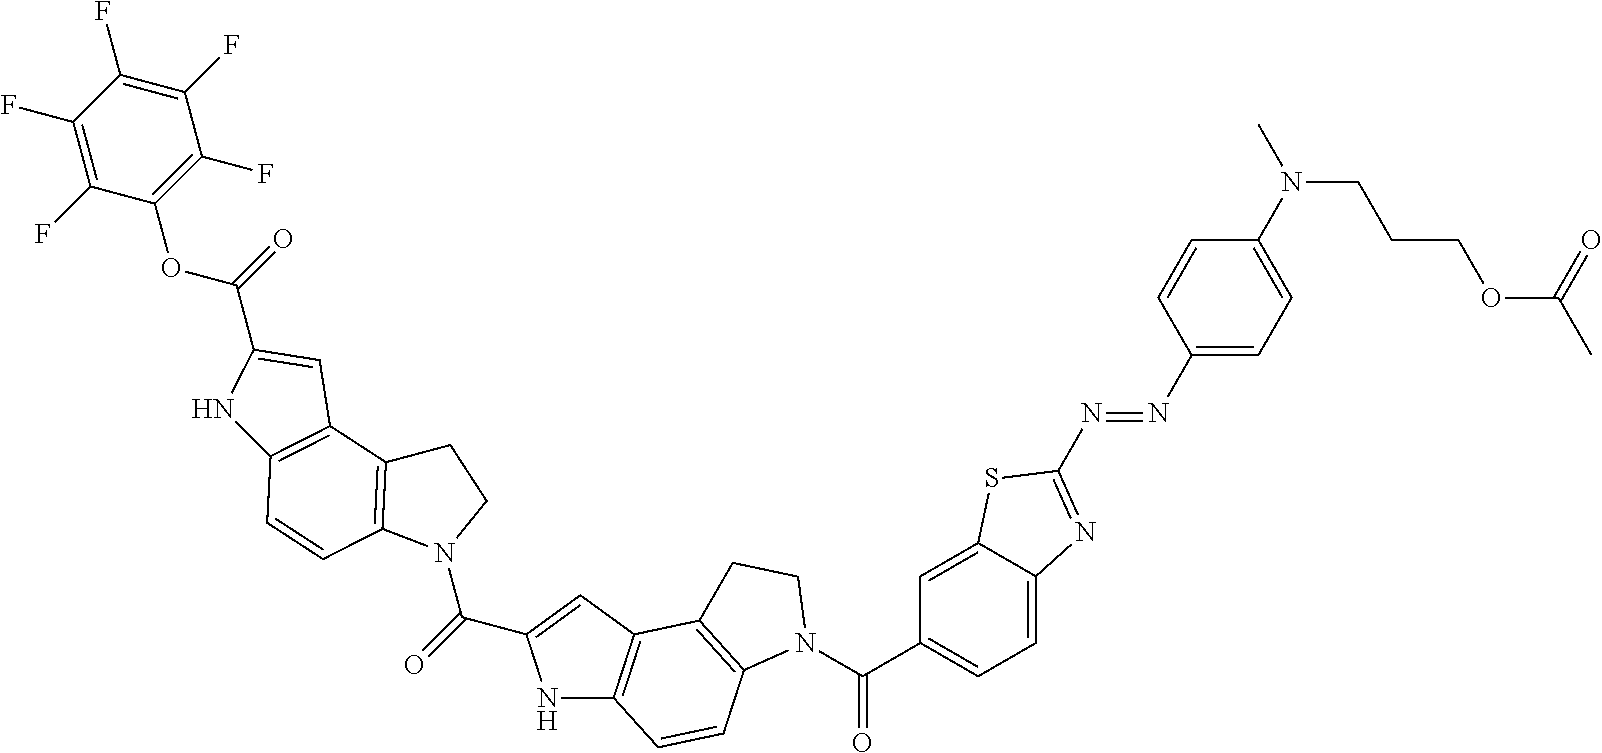 Figure US20190064067A1-20190228-C00105